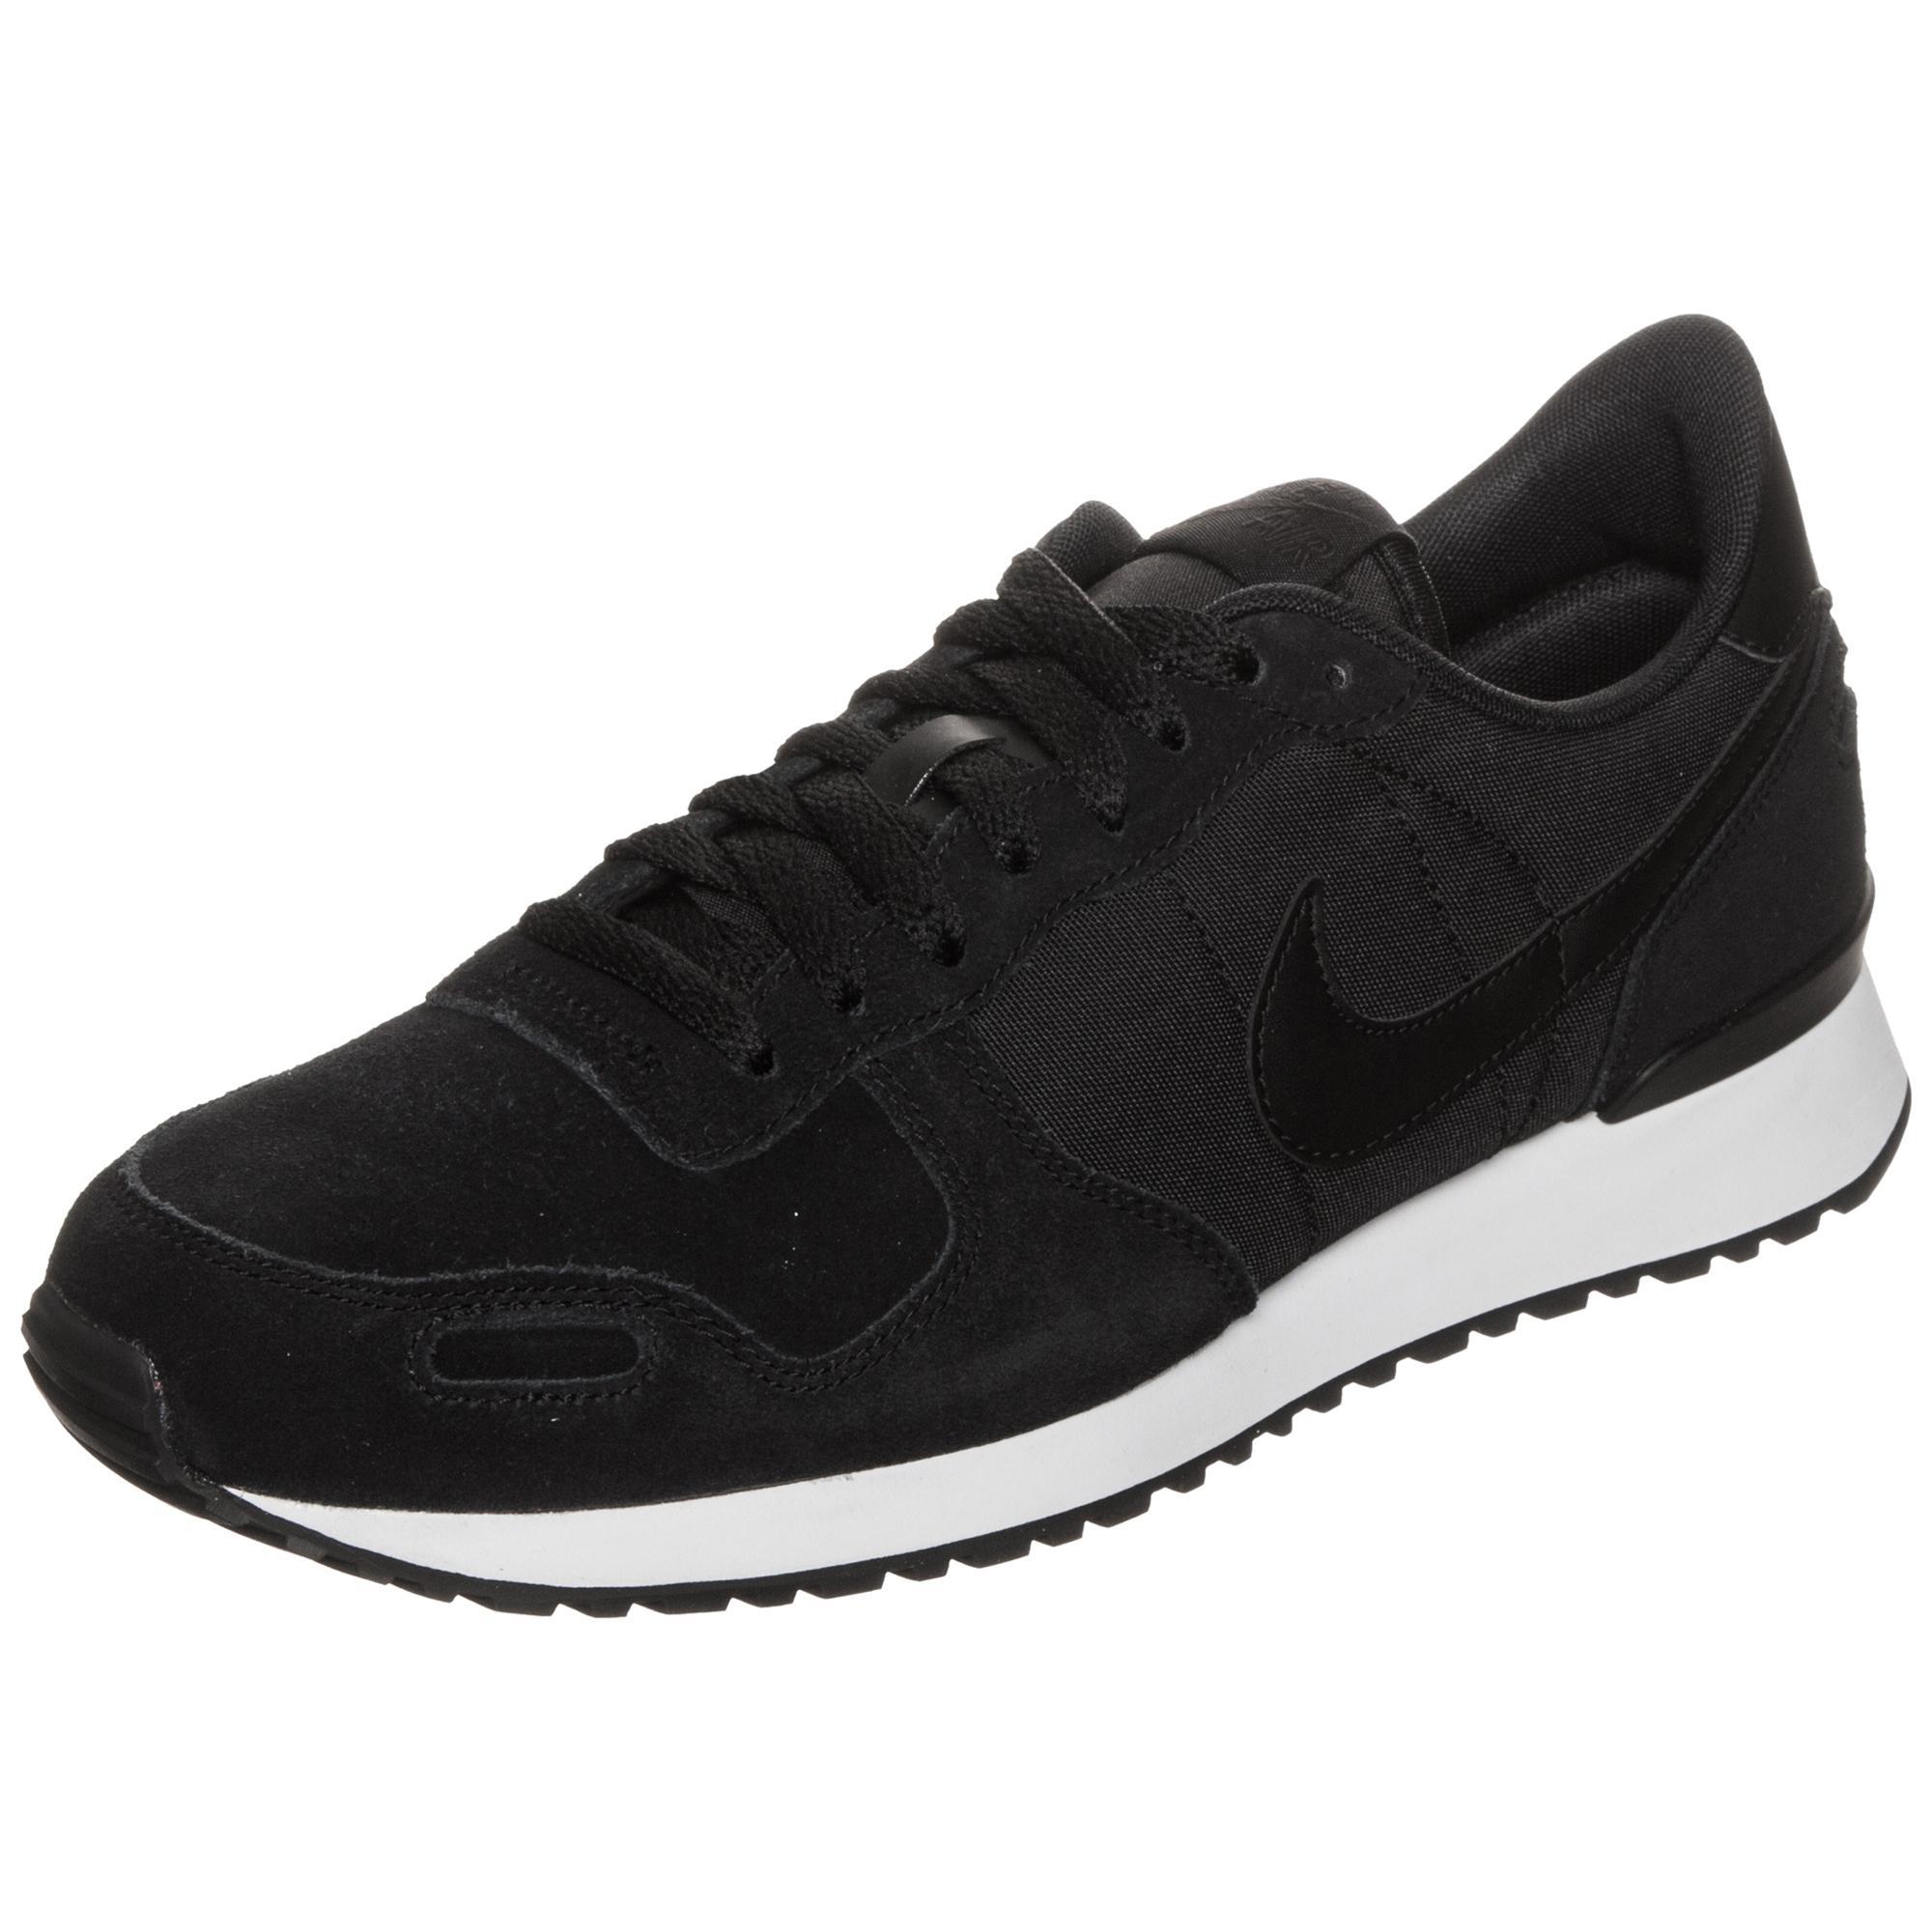 Nike Nike Nike Air Vortex Turnschuhe Herren schwarz im Online Shop von SportScheck kaufen Gute Qualität beliebte Schuhe d70eef